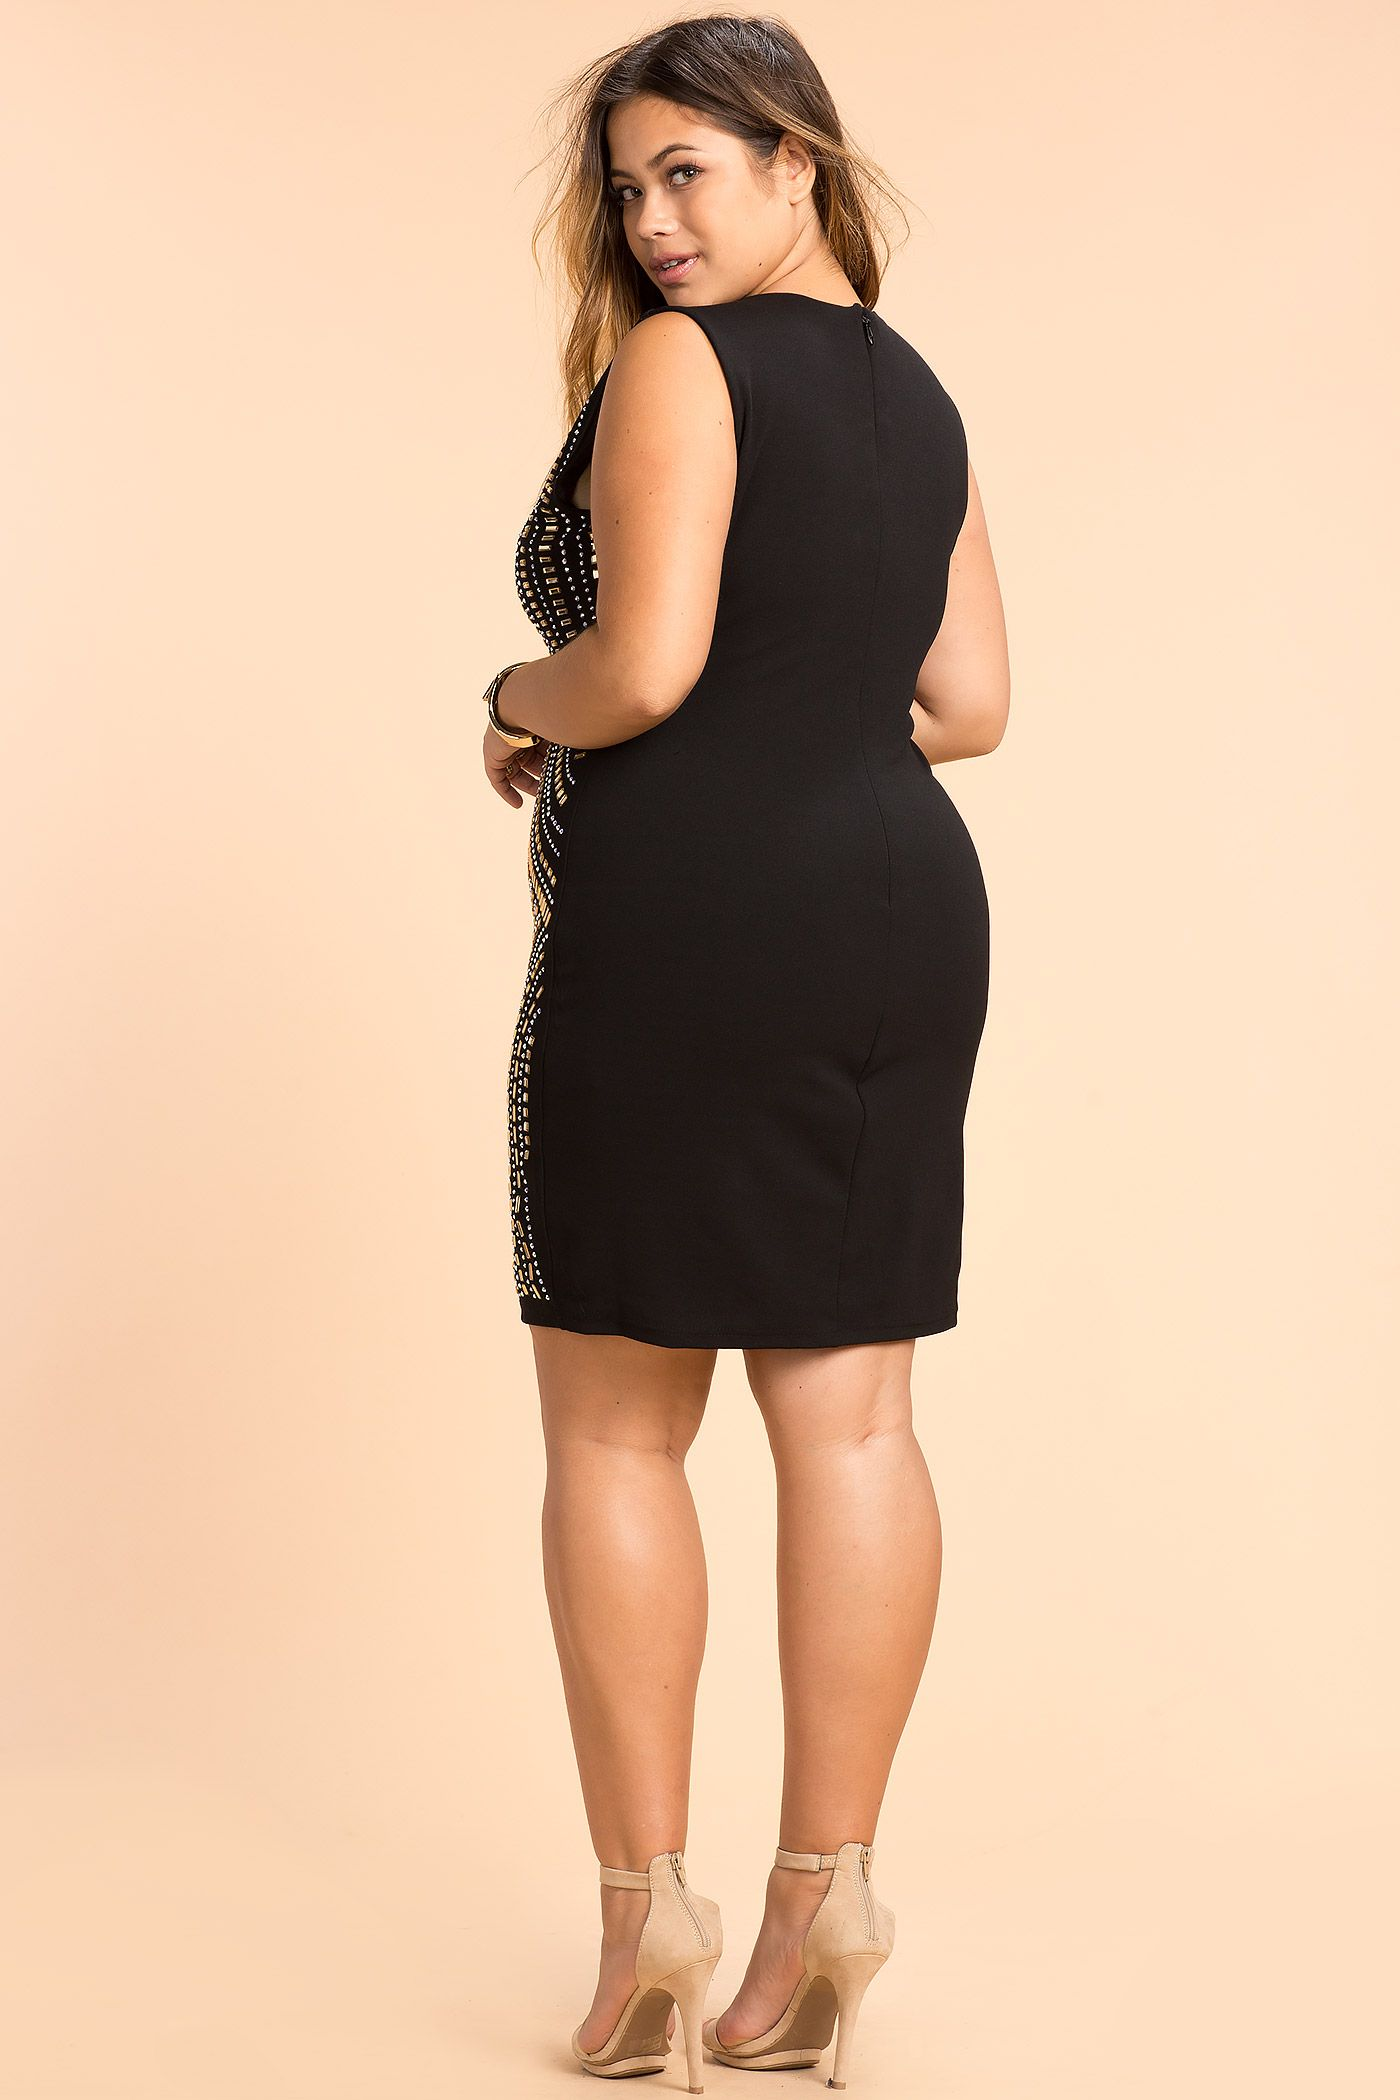 14998330d80 Women s Plus Size Bodycon Dresses